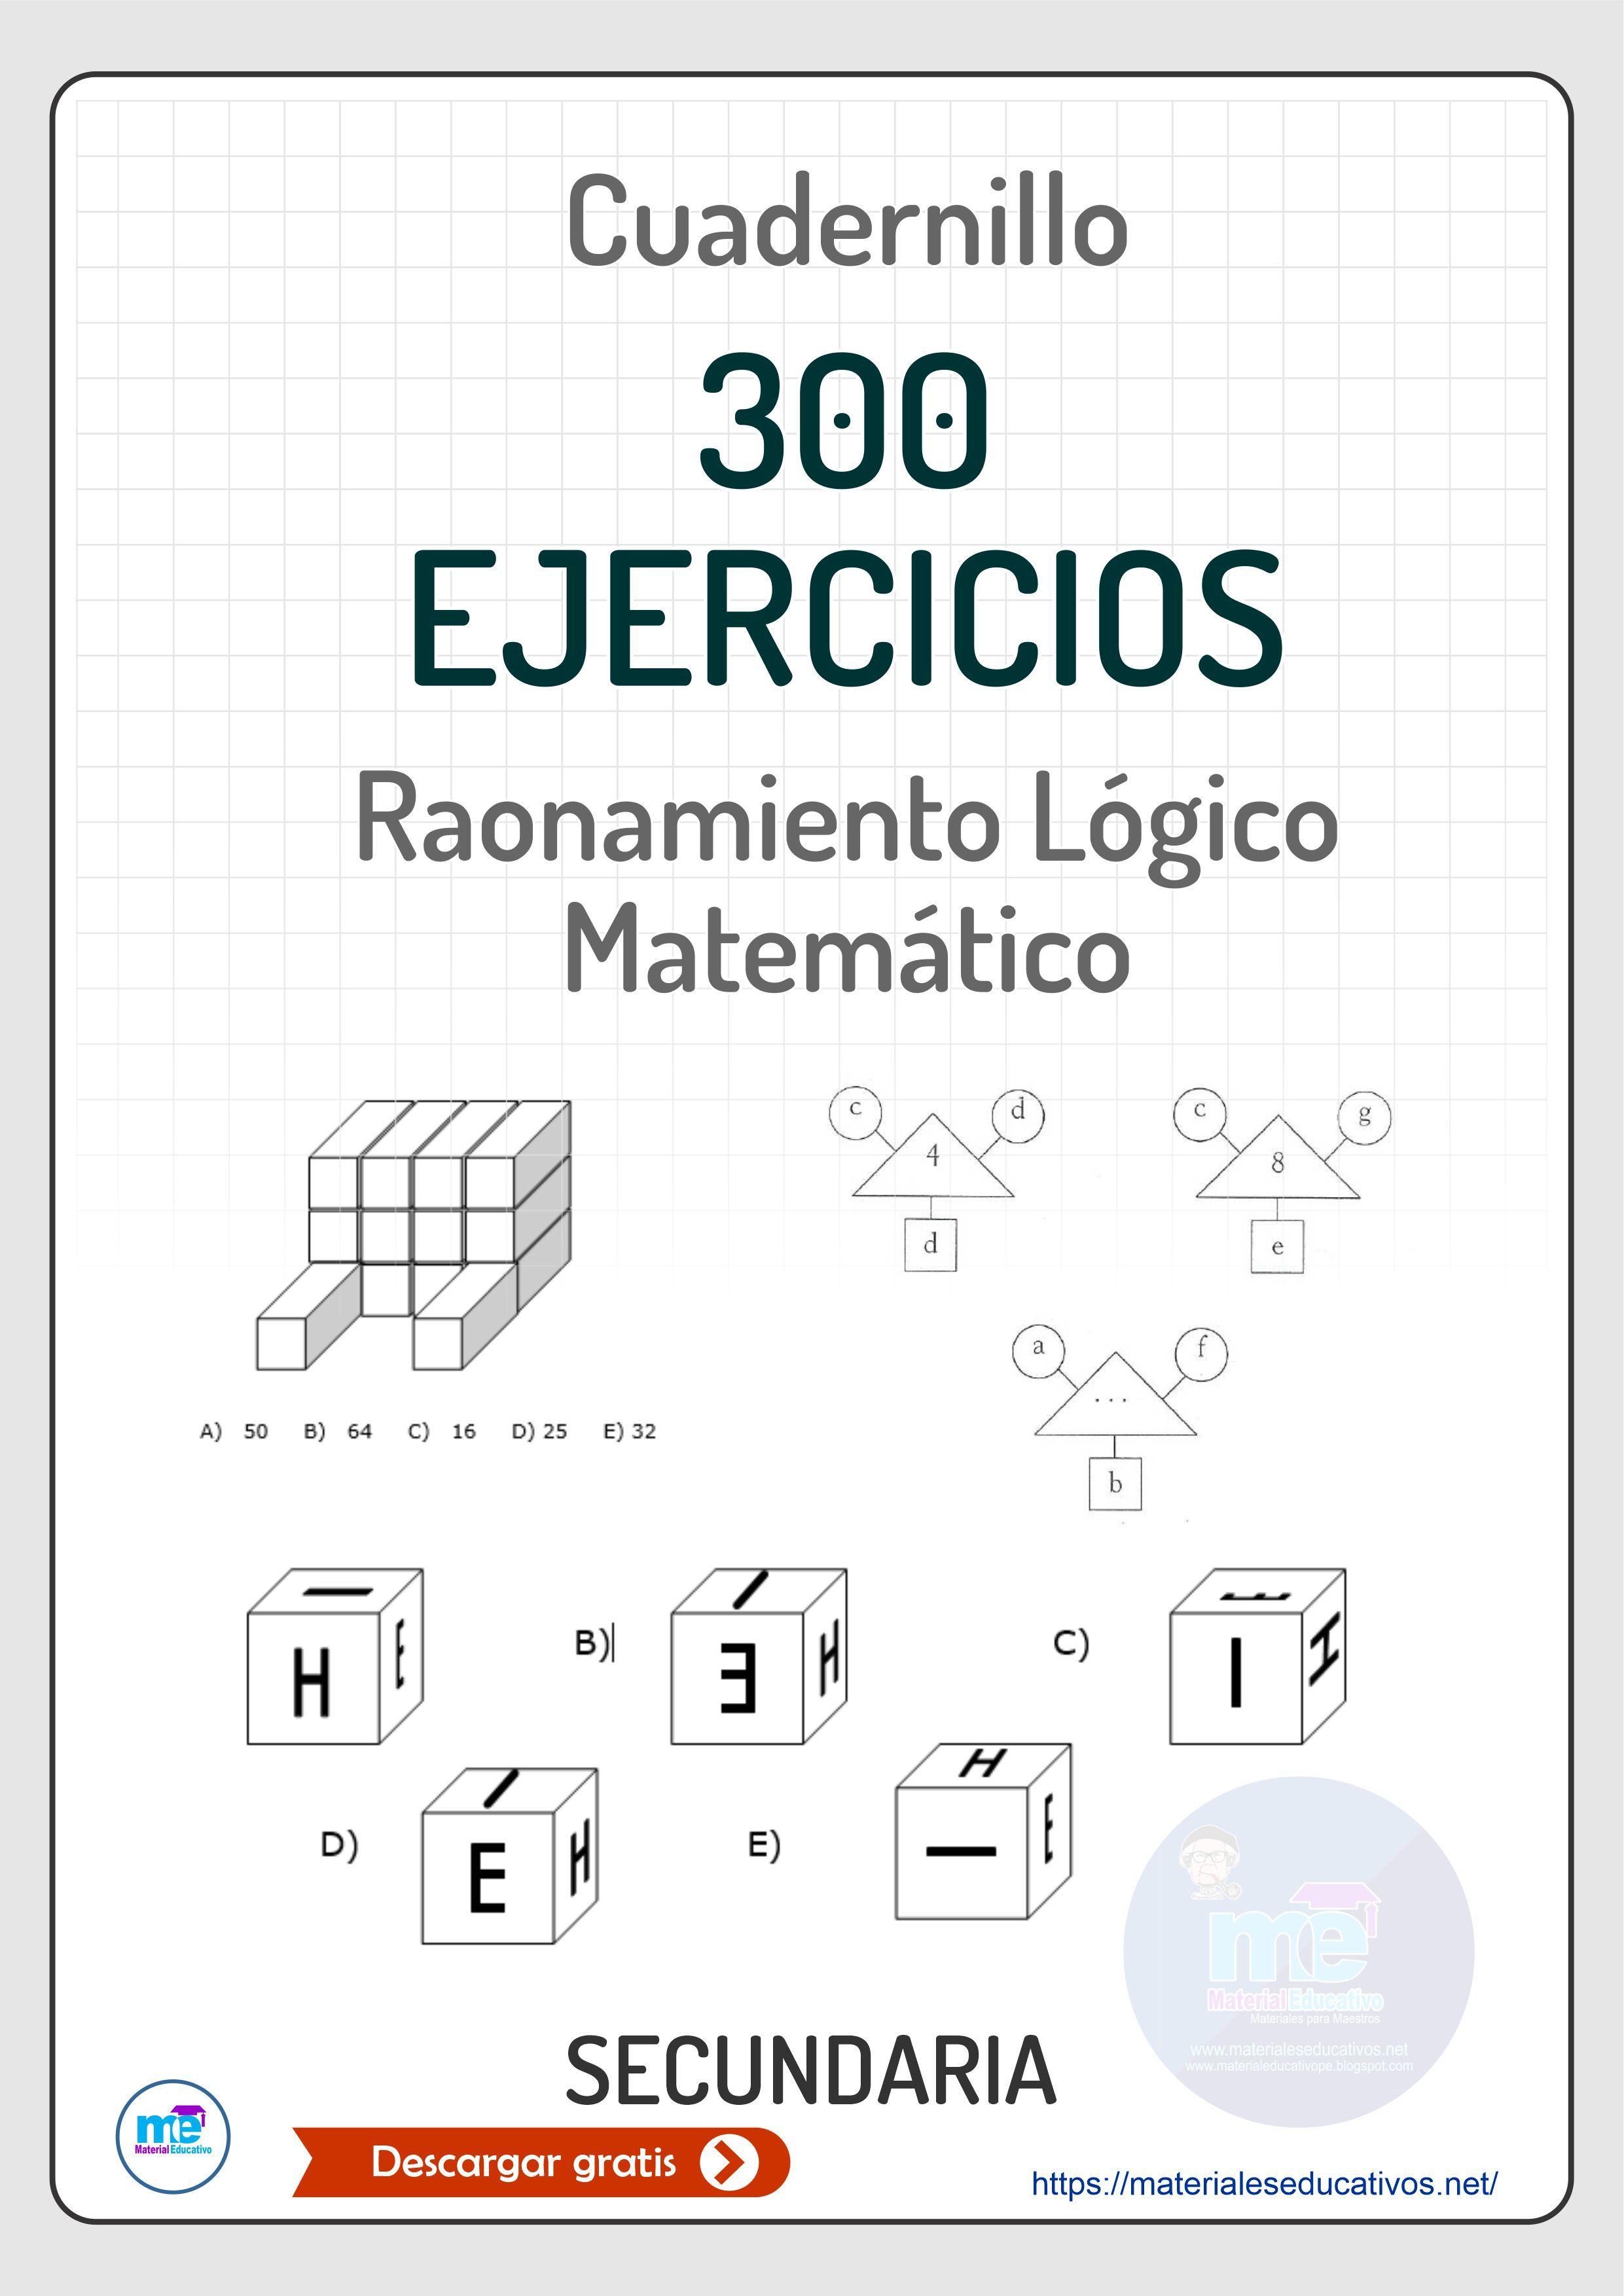 Razonamiento Lógico Matemático Para Secundaria Matemáticas Para Secundaria Ejercicios Matematicos Secundaria Secundaria Matematicas